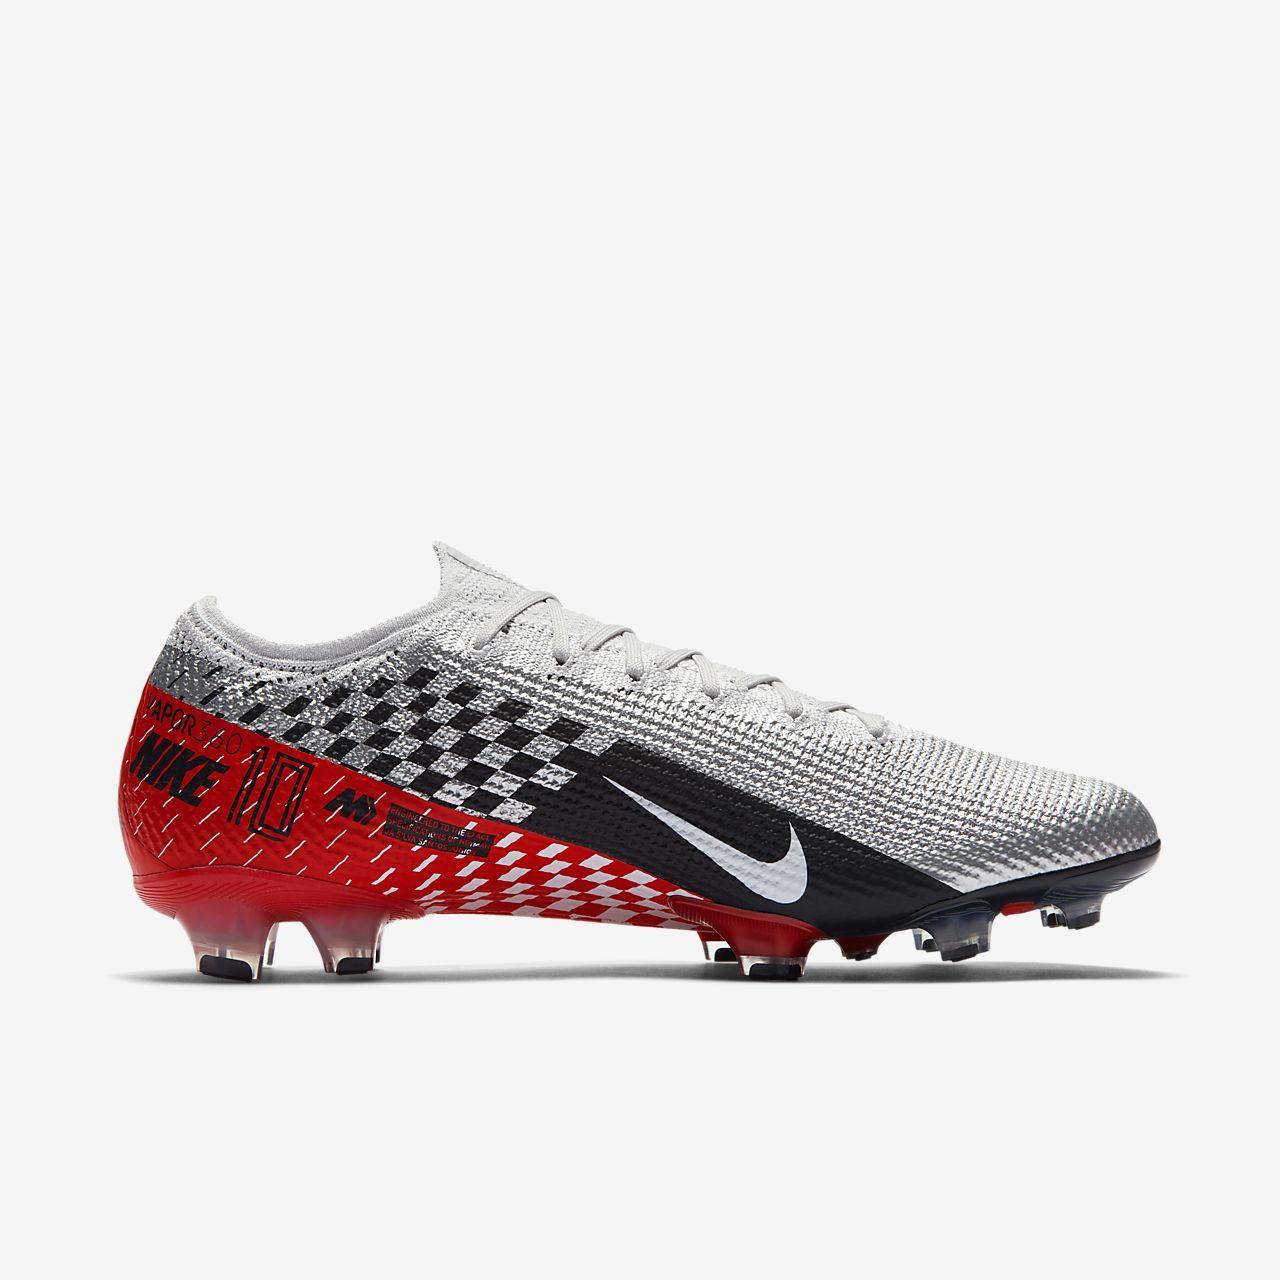 Duri Terreni Vapor Nike 13 Neymar Mercurial Per Scarpa Da Elite JrFg Calcio JFKTlc3u1